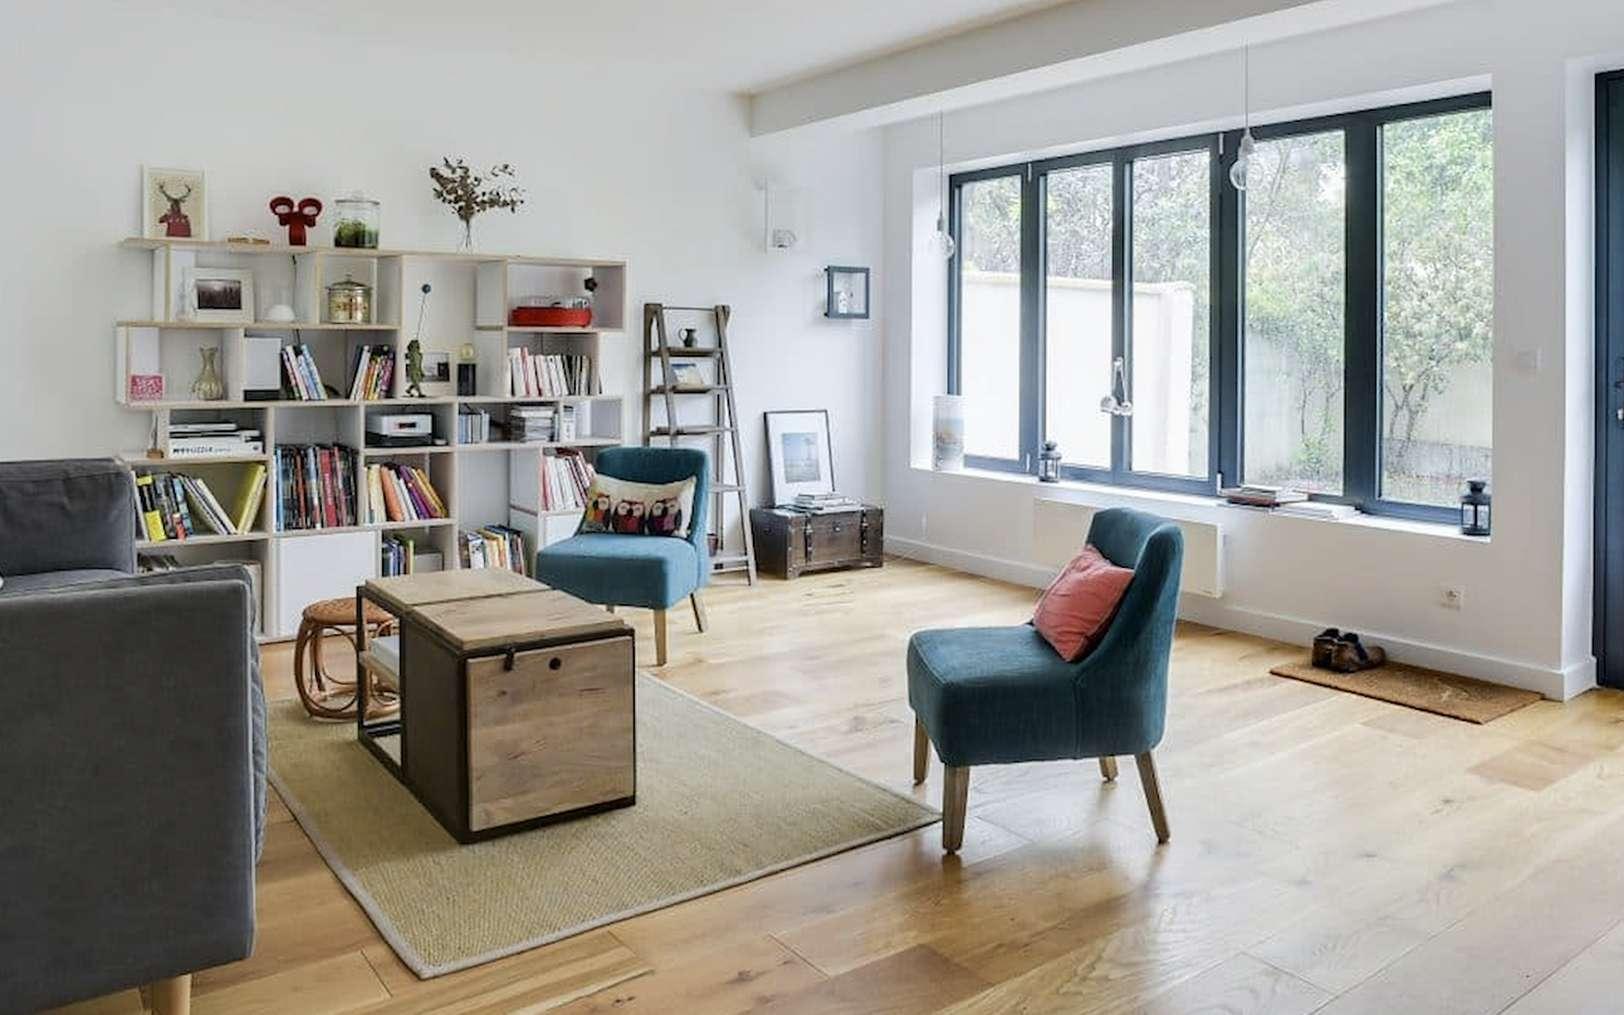 Extension sur deux niveaux, chacun de 25 m2, d'une maison individuelle à Colombes. © illico Travaux